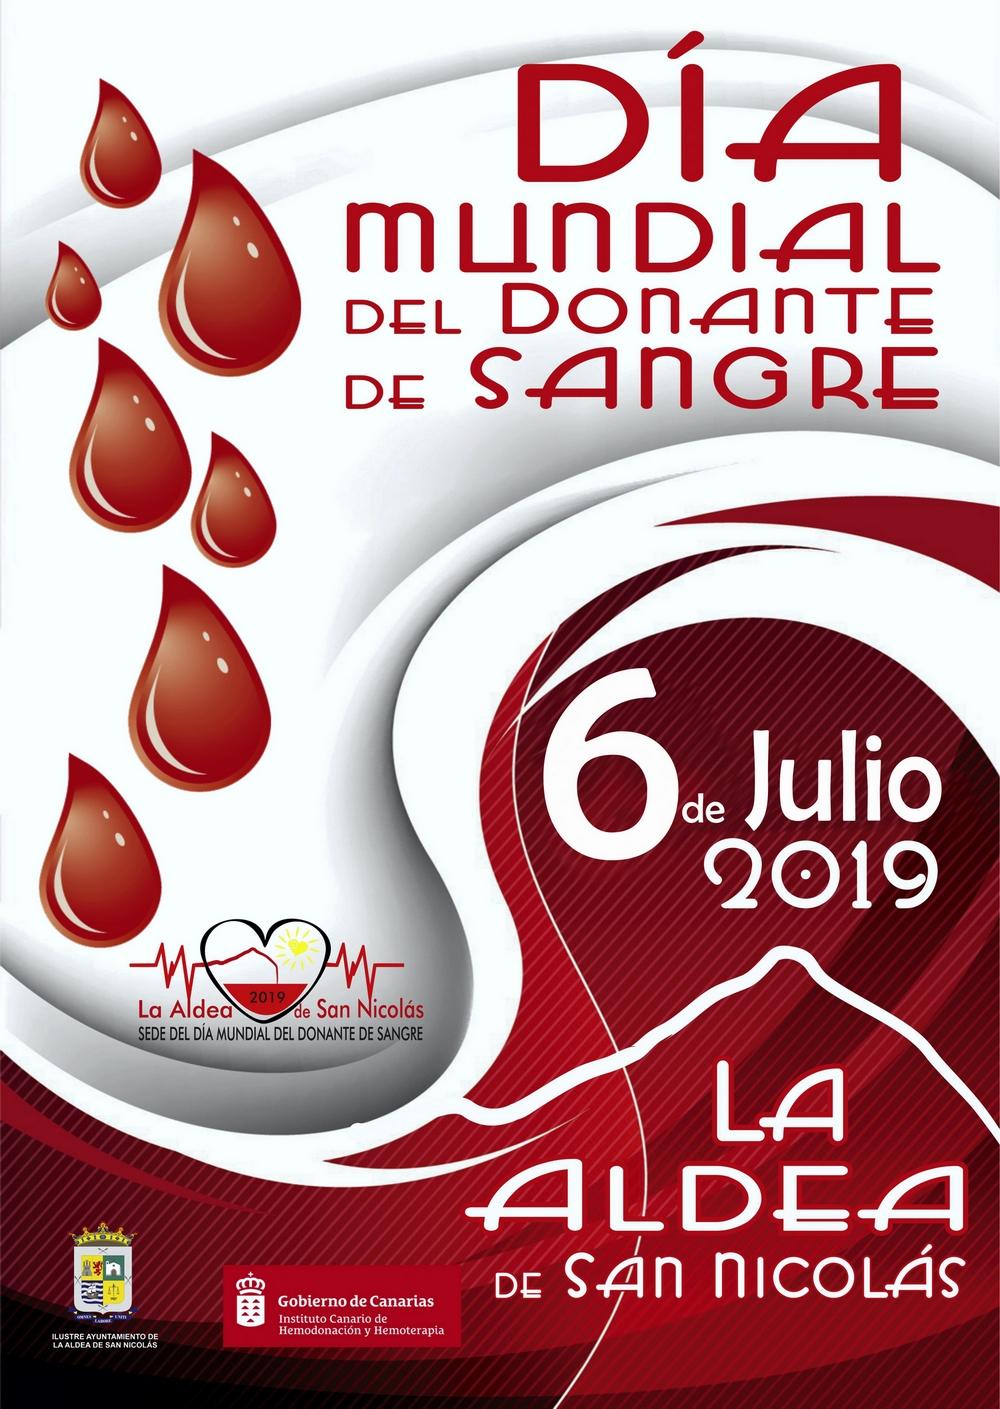 Cartel del Día Mundial del Donante de Sangre en La Aldea